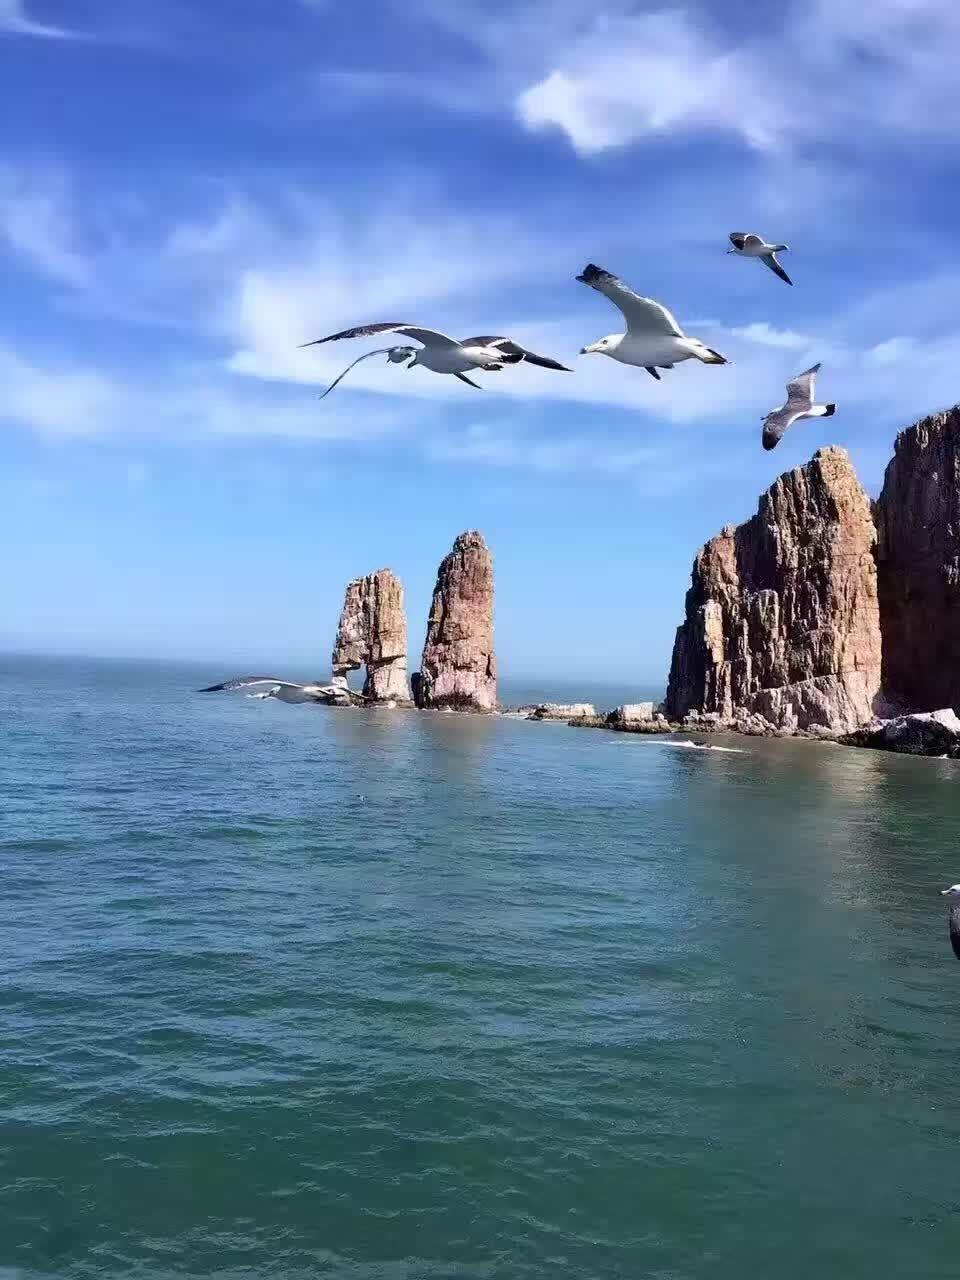 夏天带孩子去海边玩—长岛渔家乐,九丈崖望夫礁半月湾